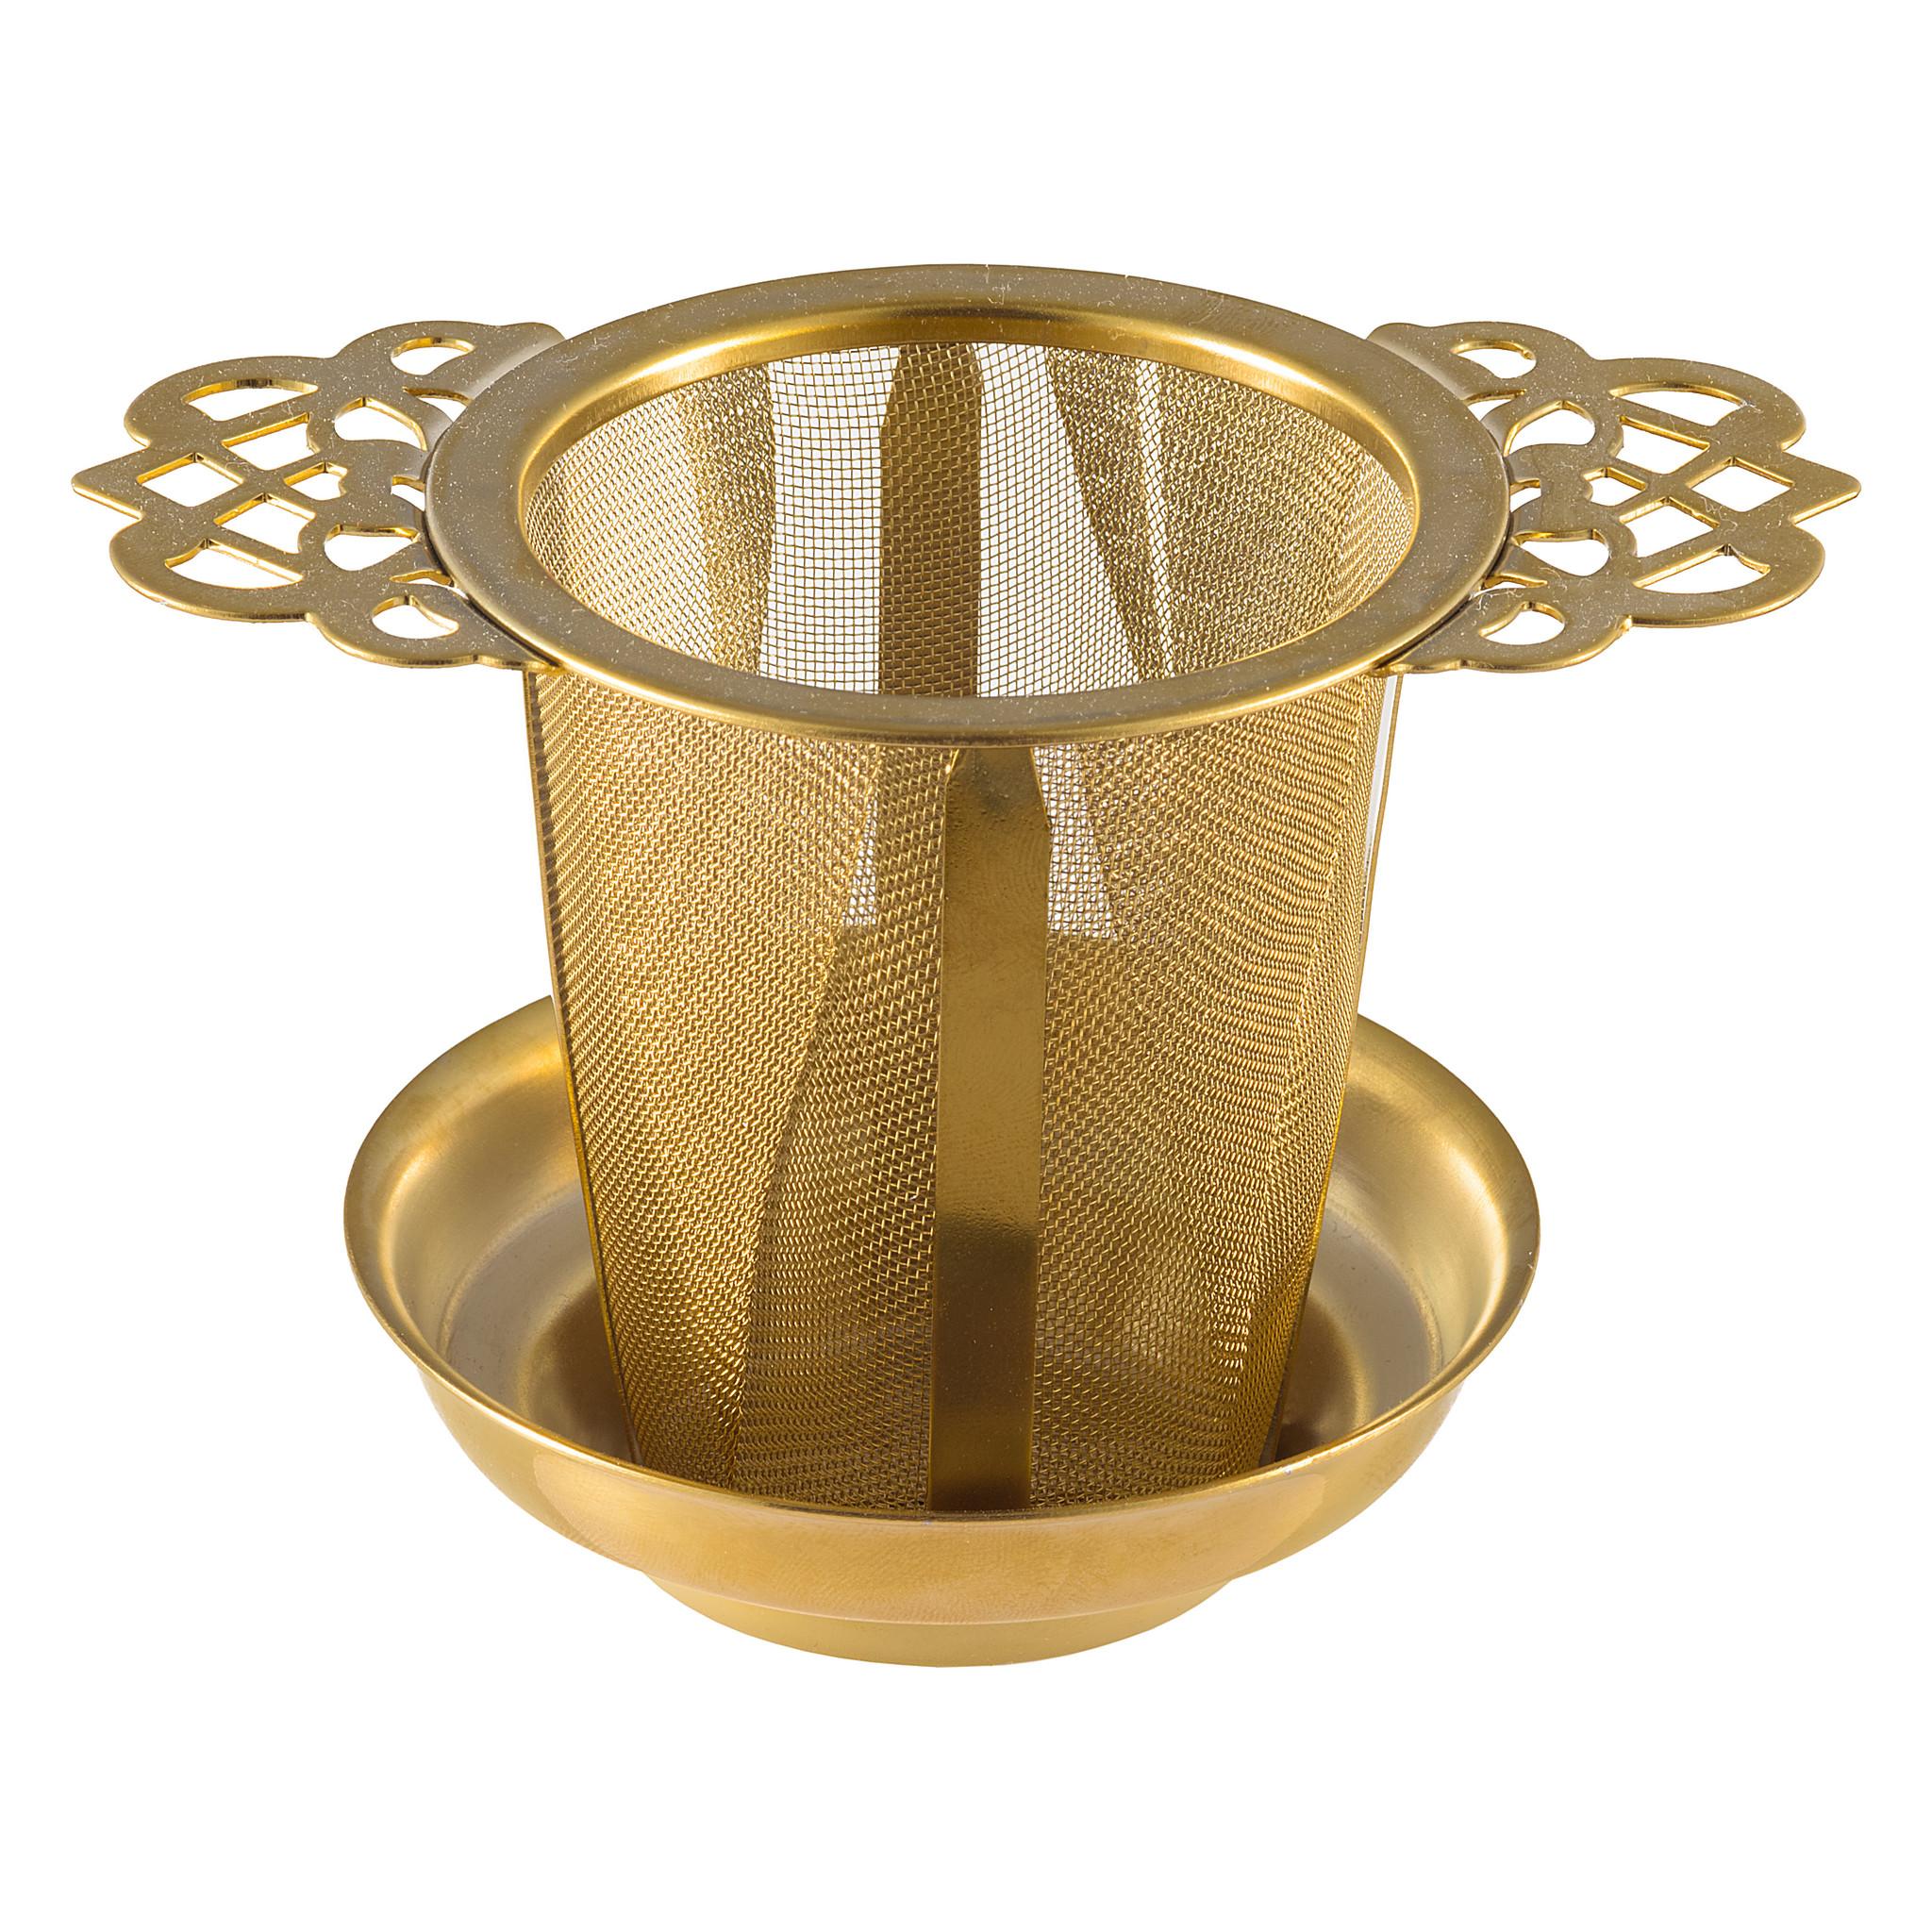 Permanentfilter Ornament met uitlekschaaltje - goudkleurig-1